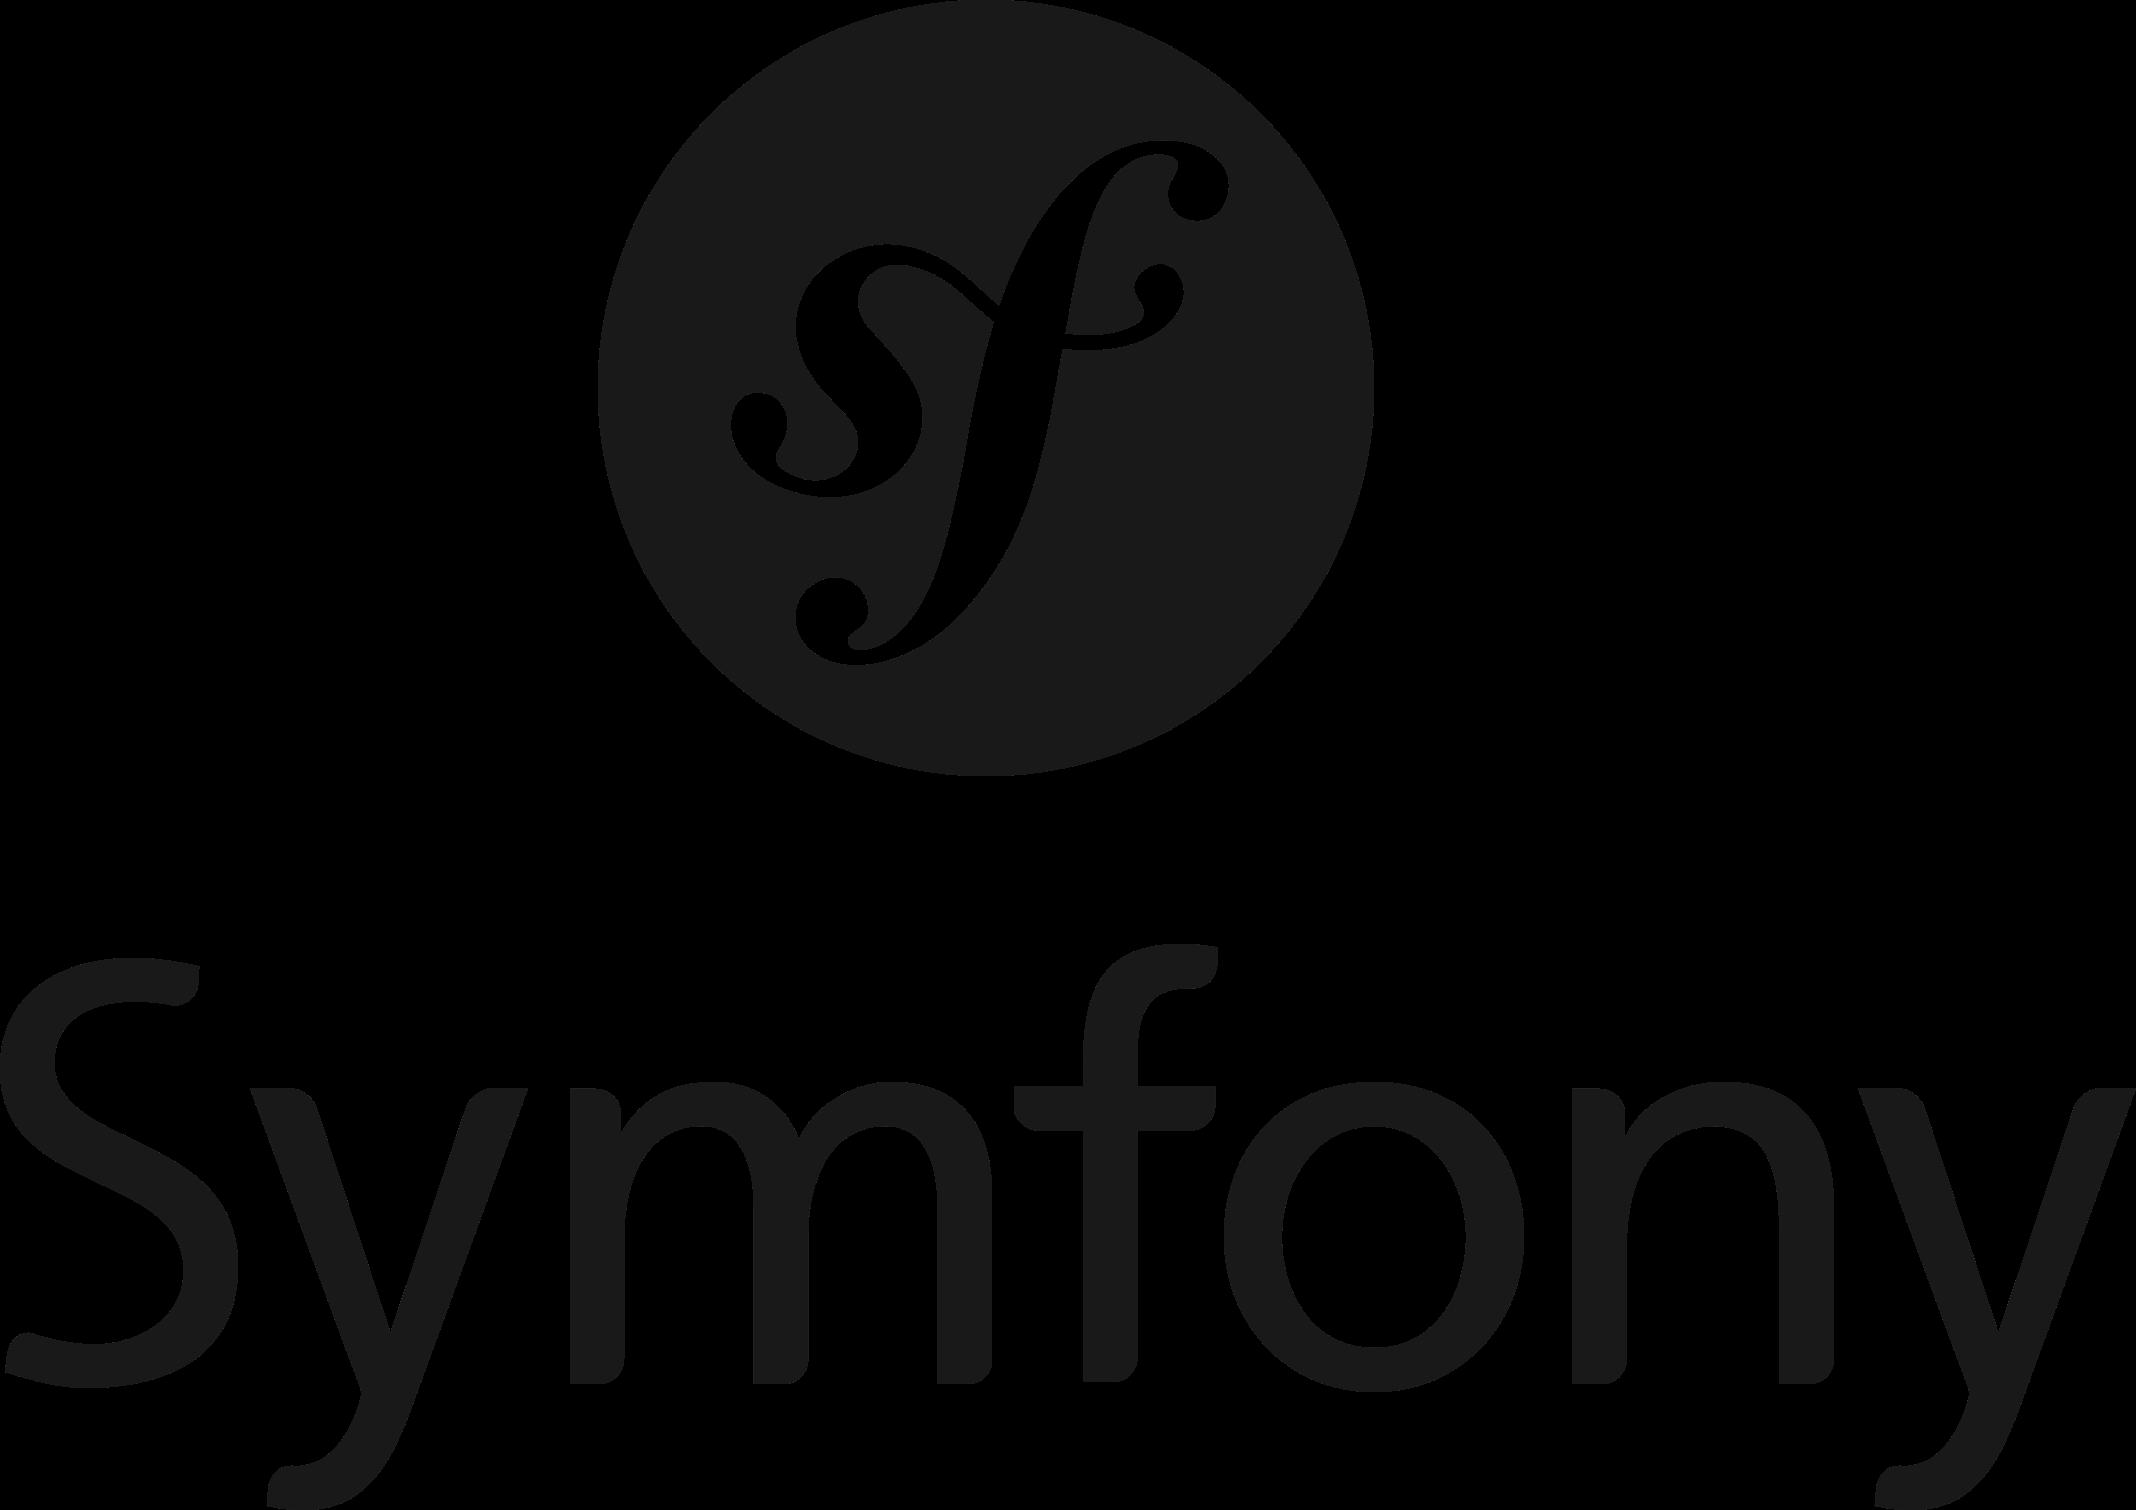 Symfony web design derby nottingham